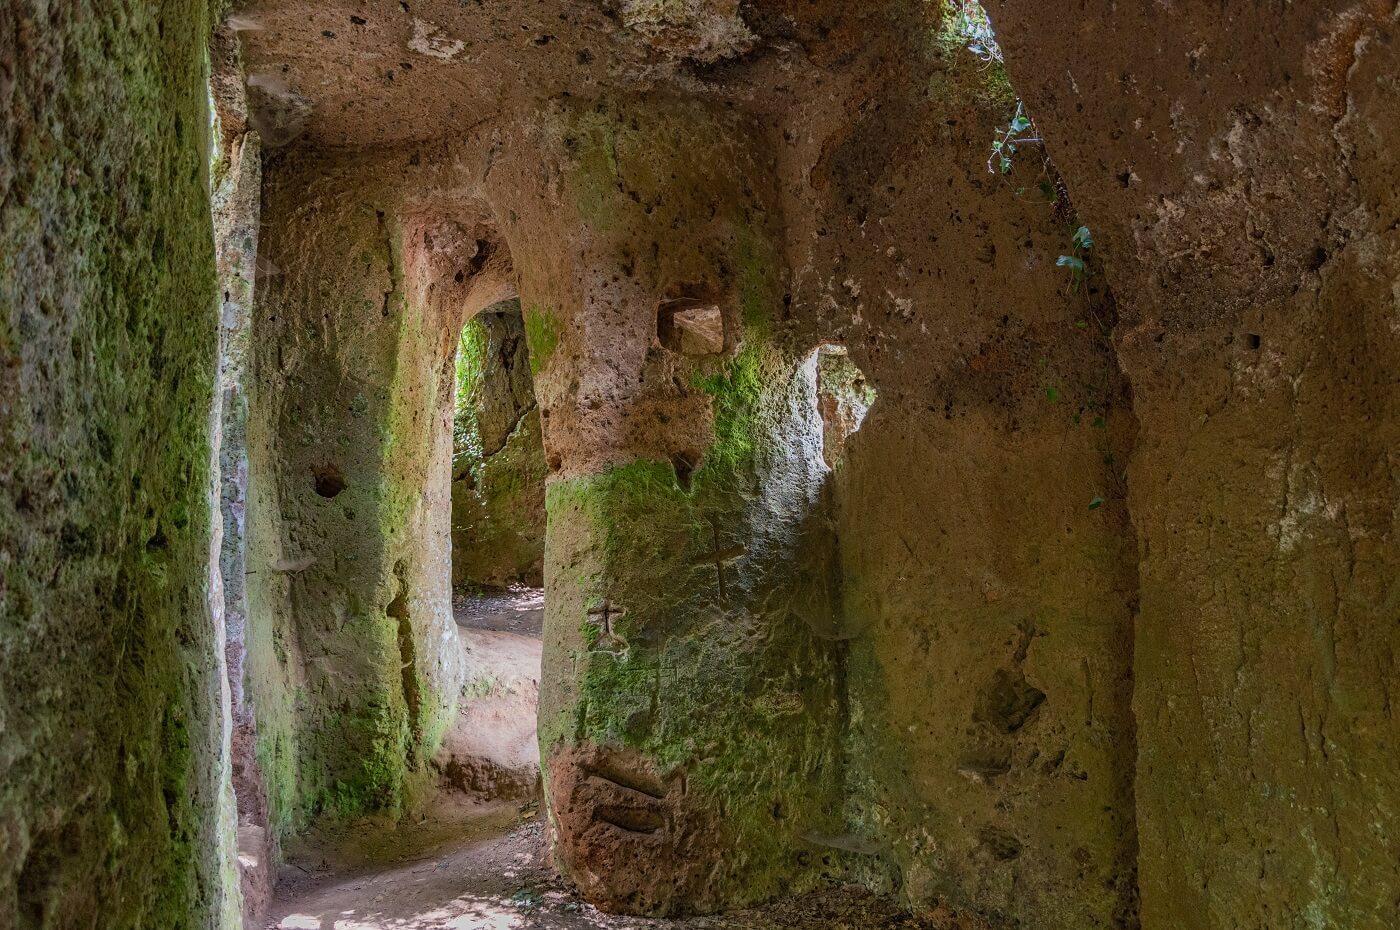 L'oratorio rupestre della Via Cava San Sebastiano